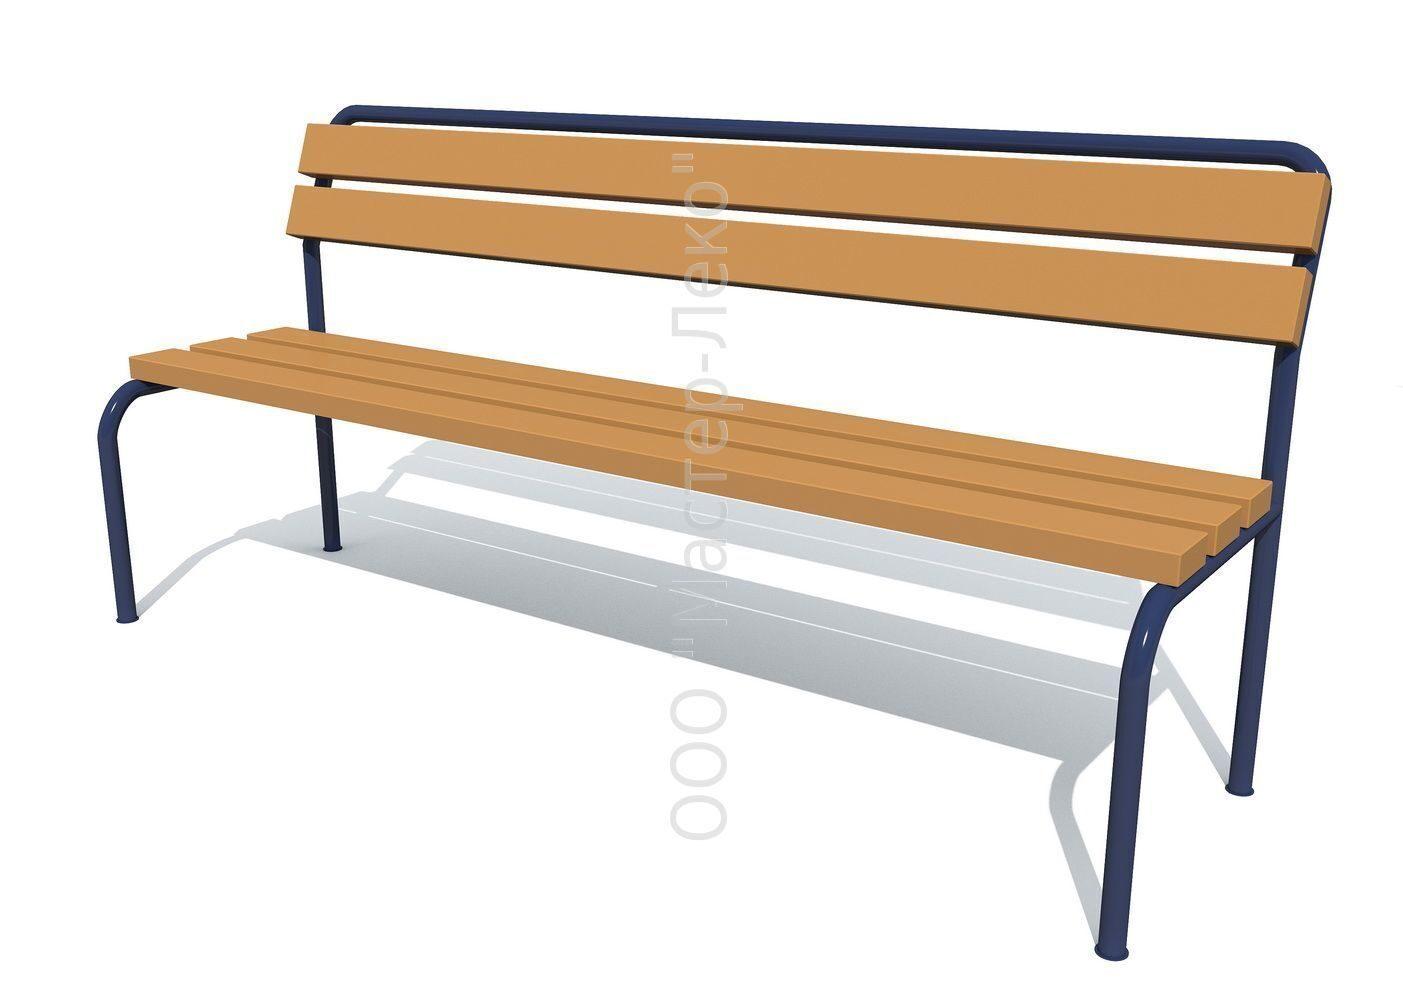 купить скамейку со спинкой на металлическом каркасе